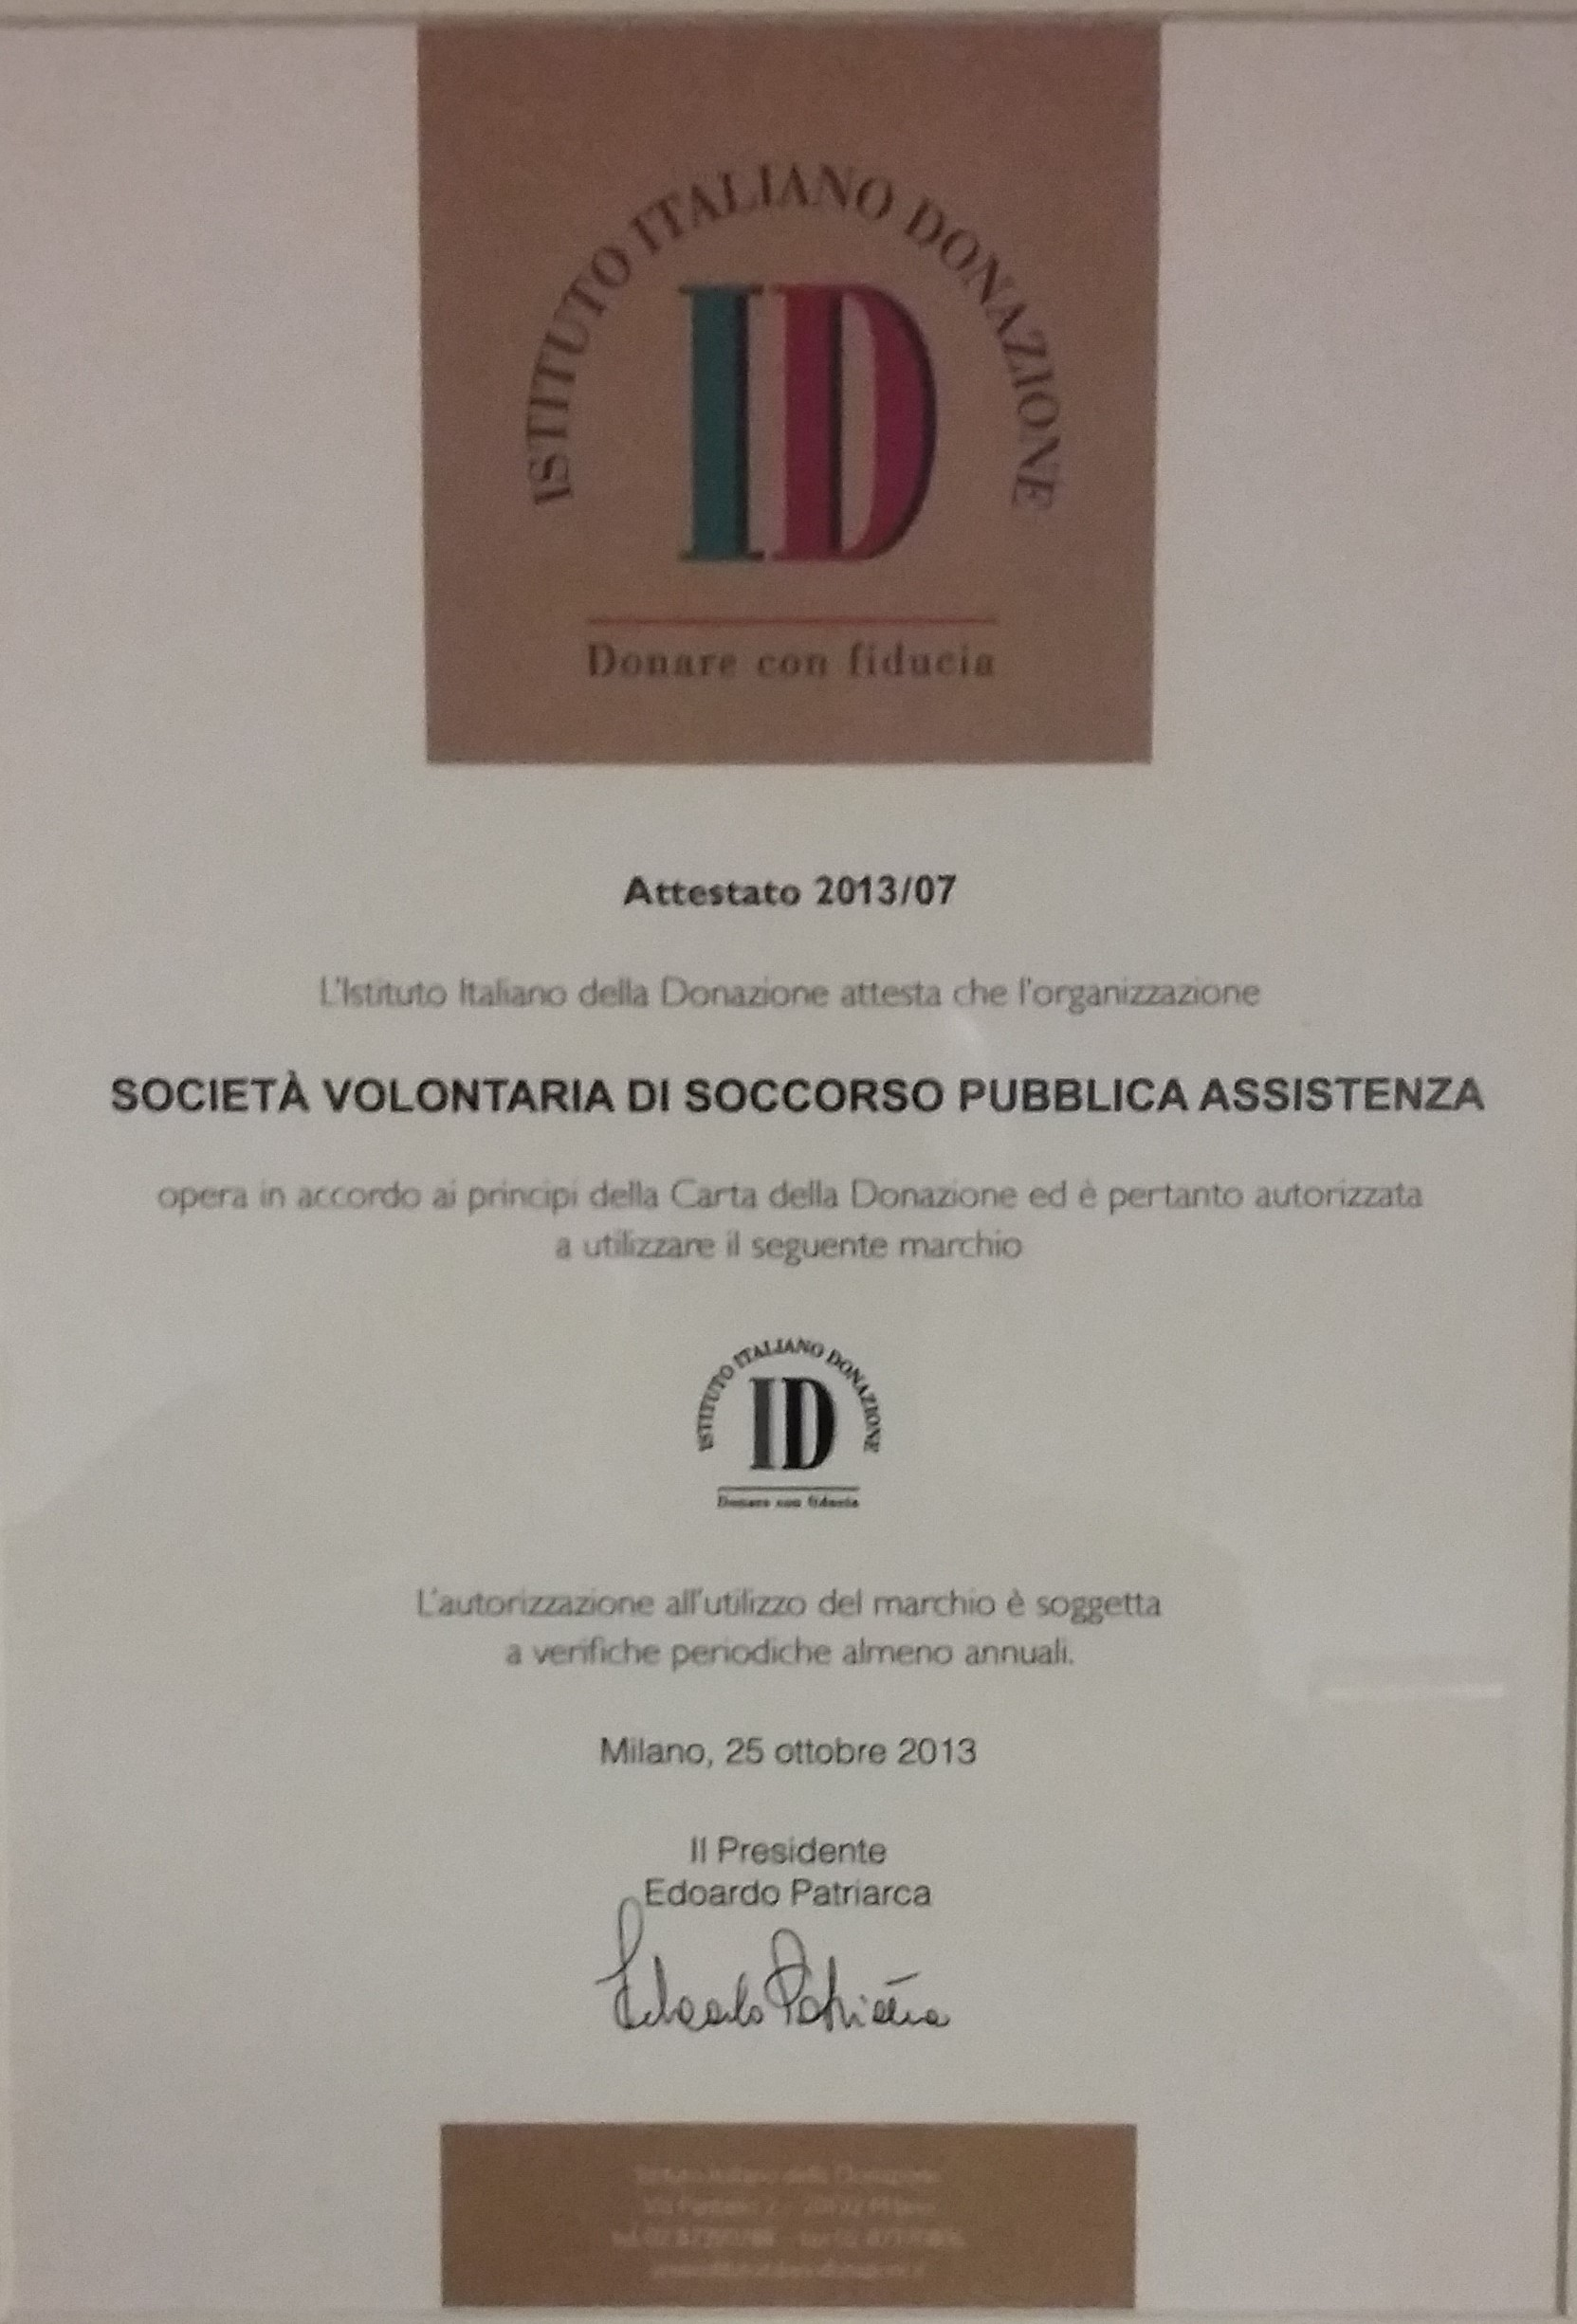 attestato istituto italiano donazione